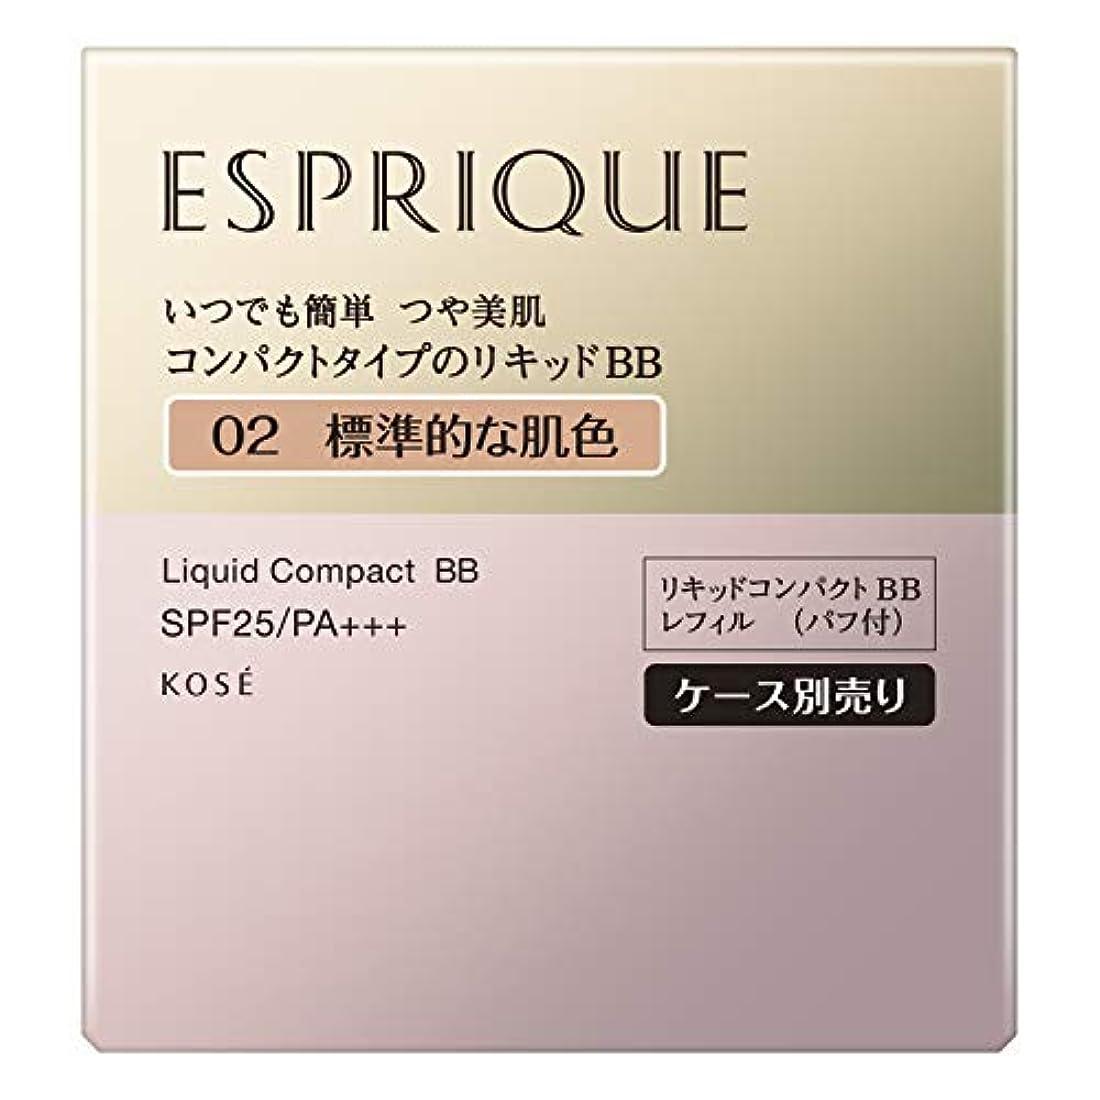 癒す豚ロンドンエスプリーク リキッド コンパクト BB 02 標準的な肌色 13g